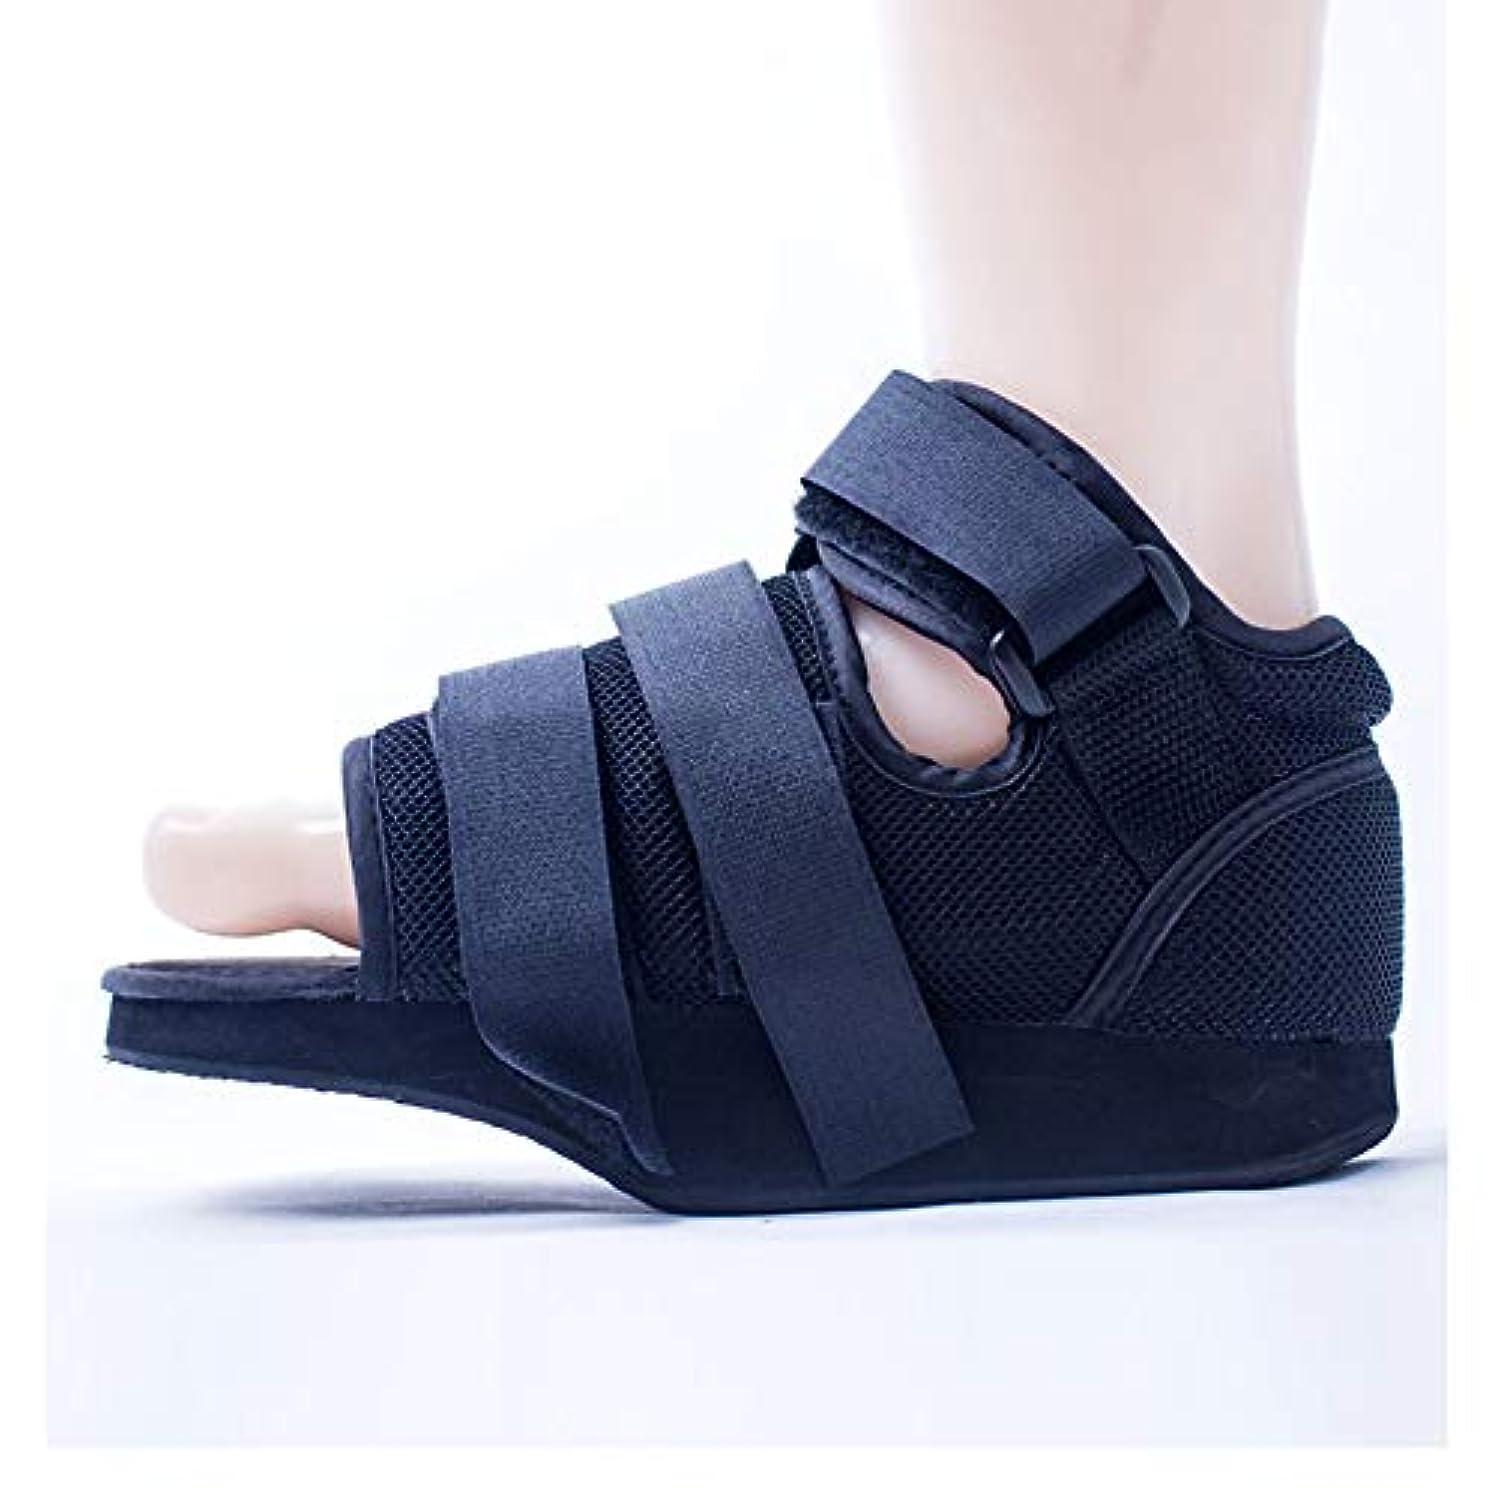 コントローラビームパワー壊れたつま先/足の骨折のための術後スクエアトゥウォーキングシューズ - ボトムキャストシューズ術後の靴 - 調節可能な医療ウォーキングブーツ (Size : L)